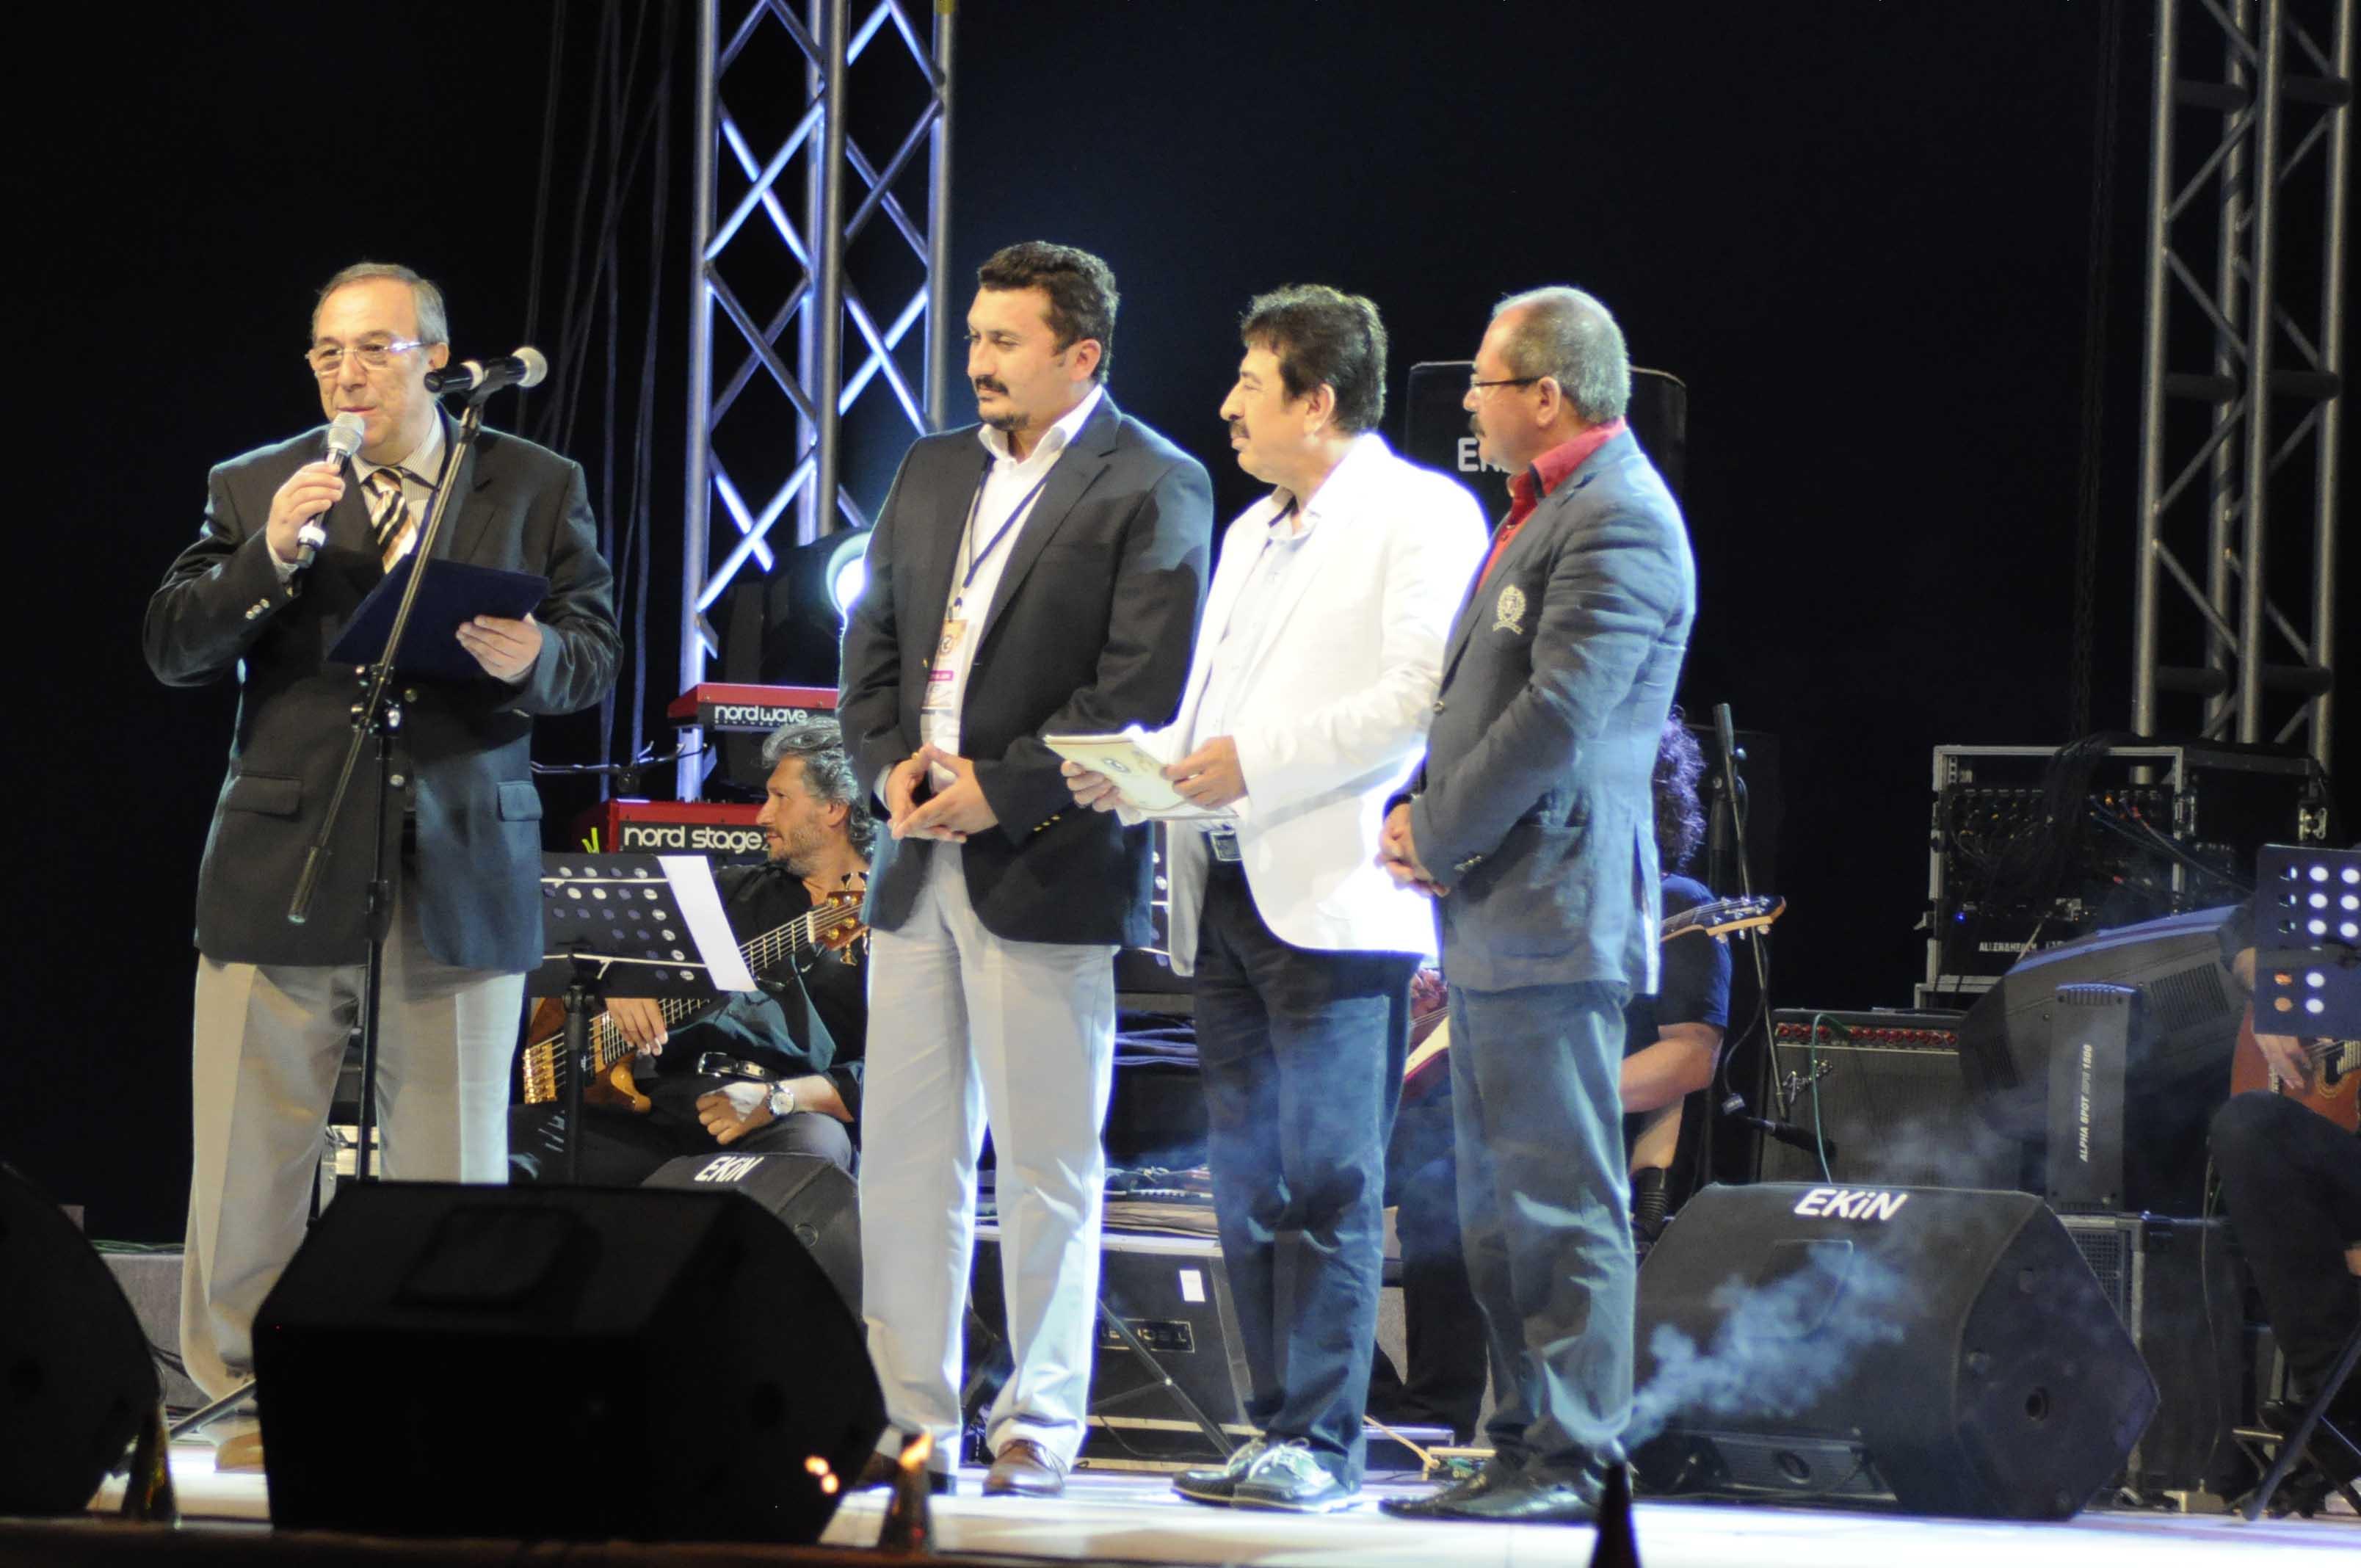 Ali Rıza Türker'e ömür boyu başarı ödülü verilirken.Kuşadası 22/06/2012